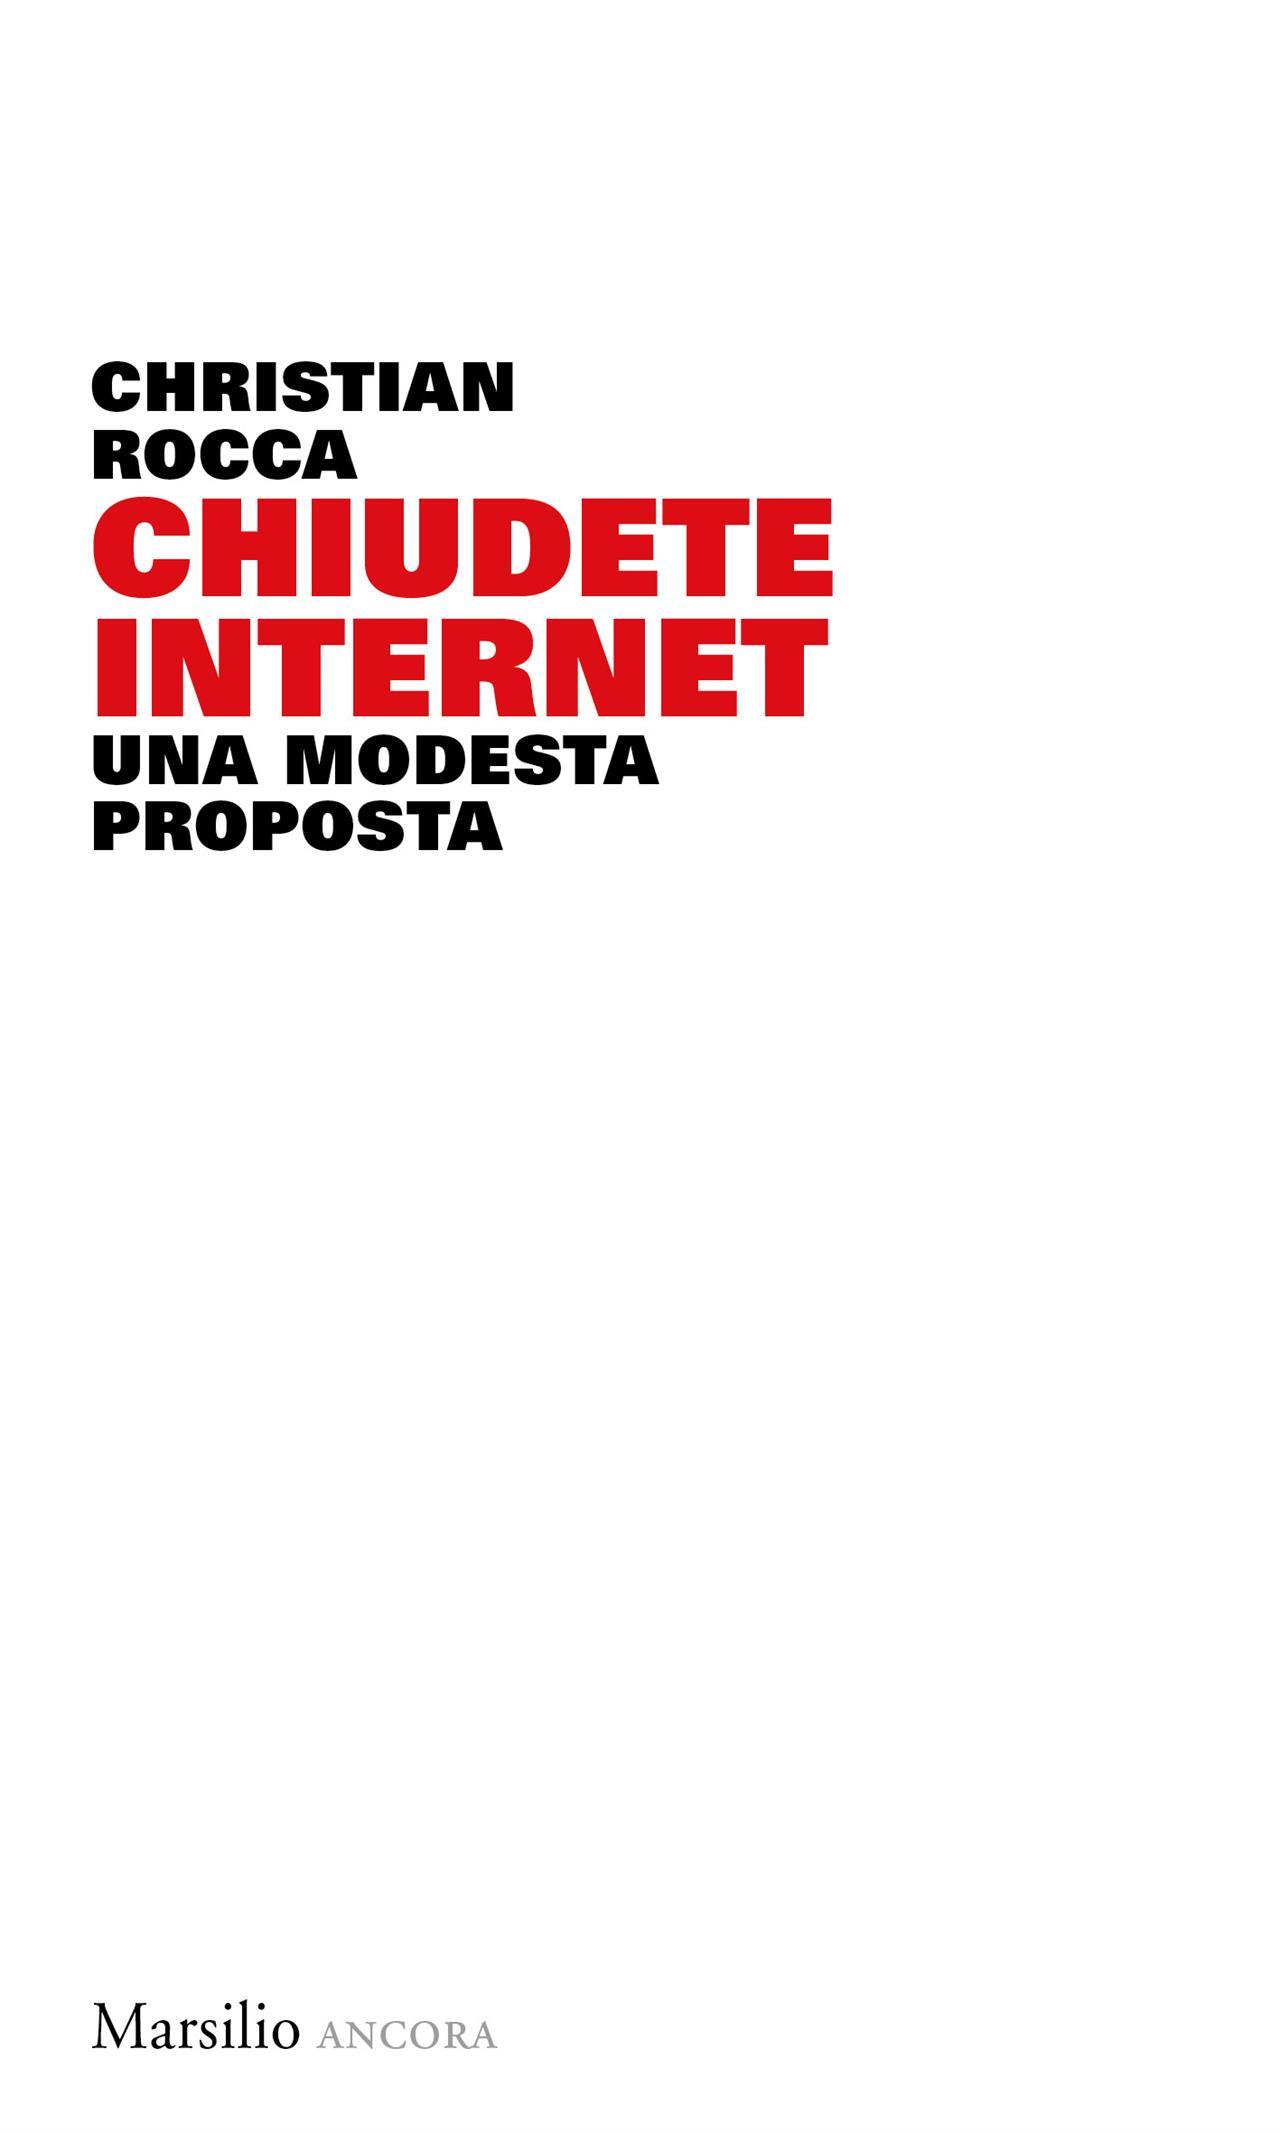 Chiudete Internet, una modesta proposta – Cristian Rocca